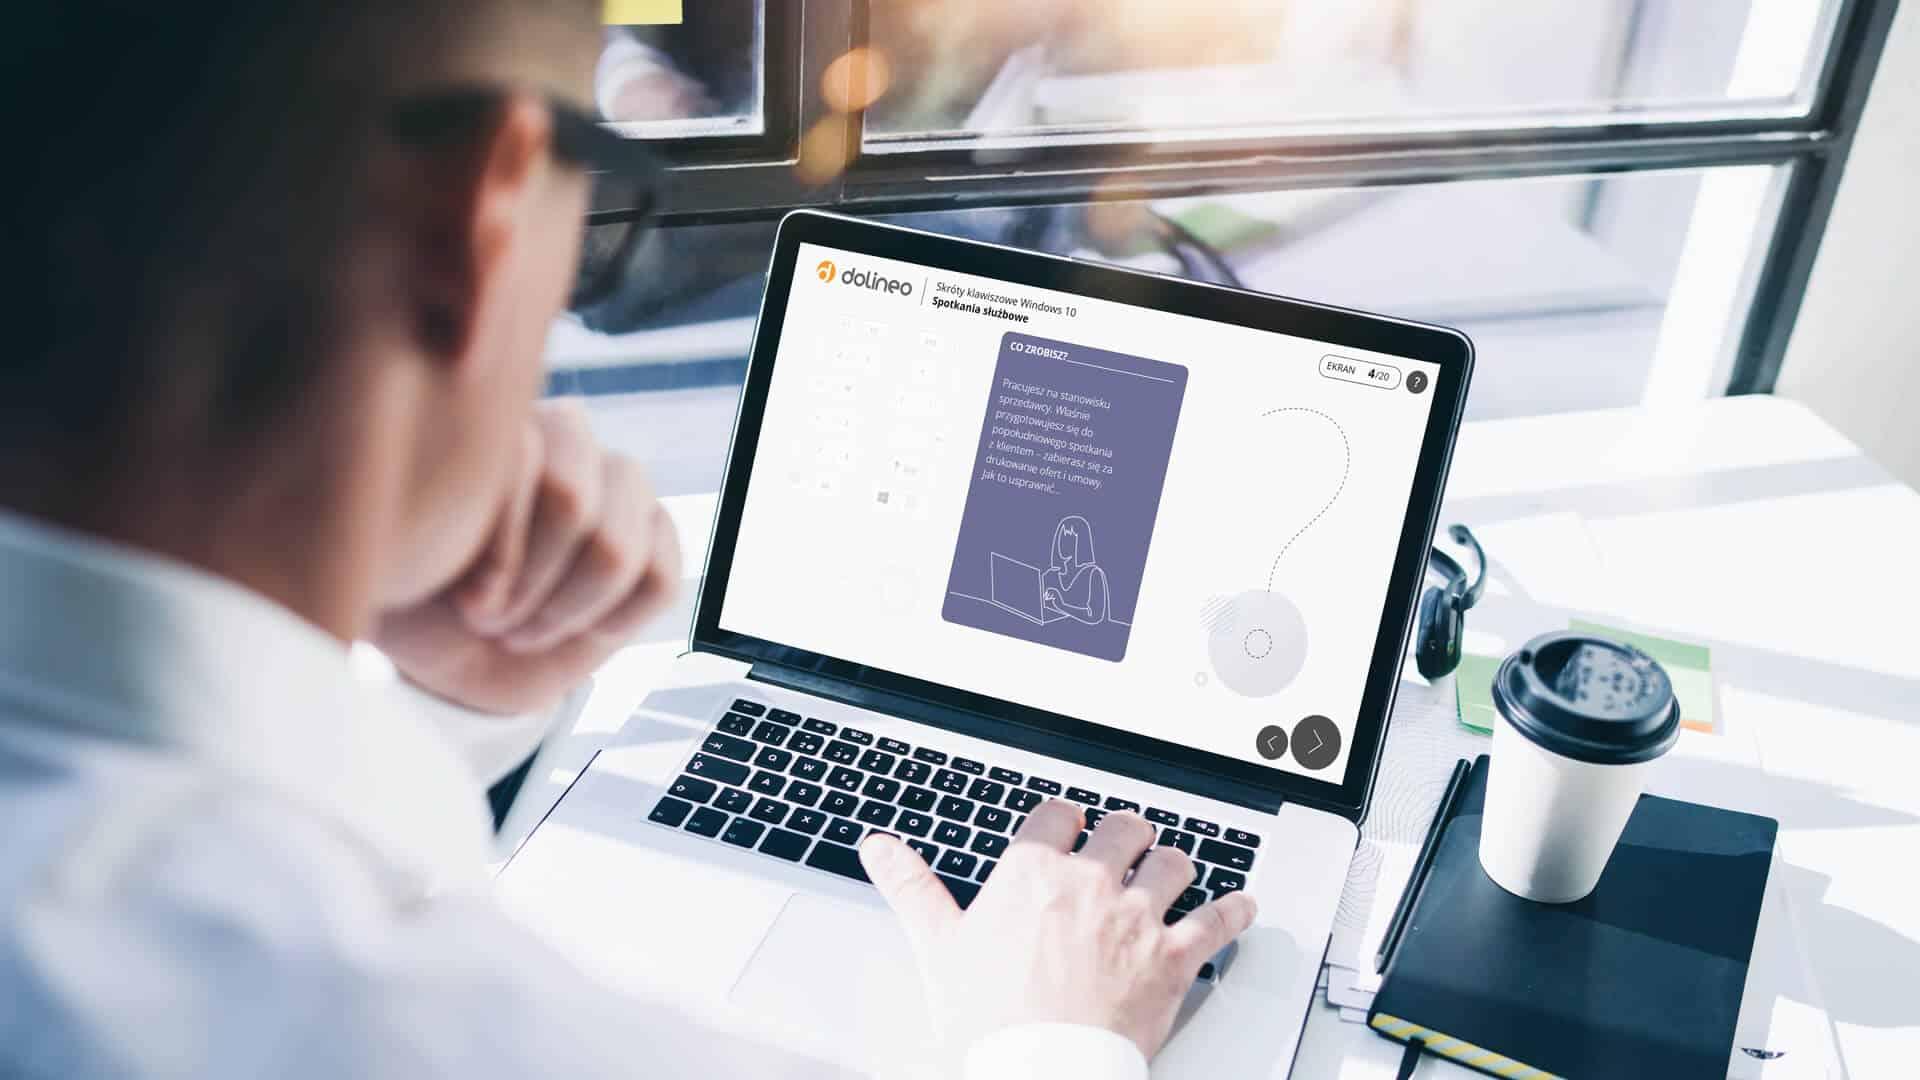 Skróty klawiszowe Windows 10 spotkania służbowe - szkolenie e-learningowe skróty klawiaturowe - popraw efektywność pracy platforma e-learningowa Dolineo